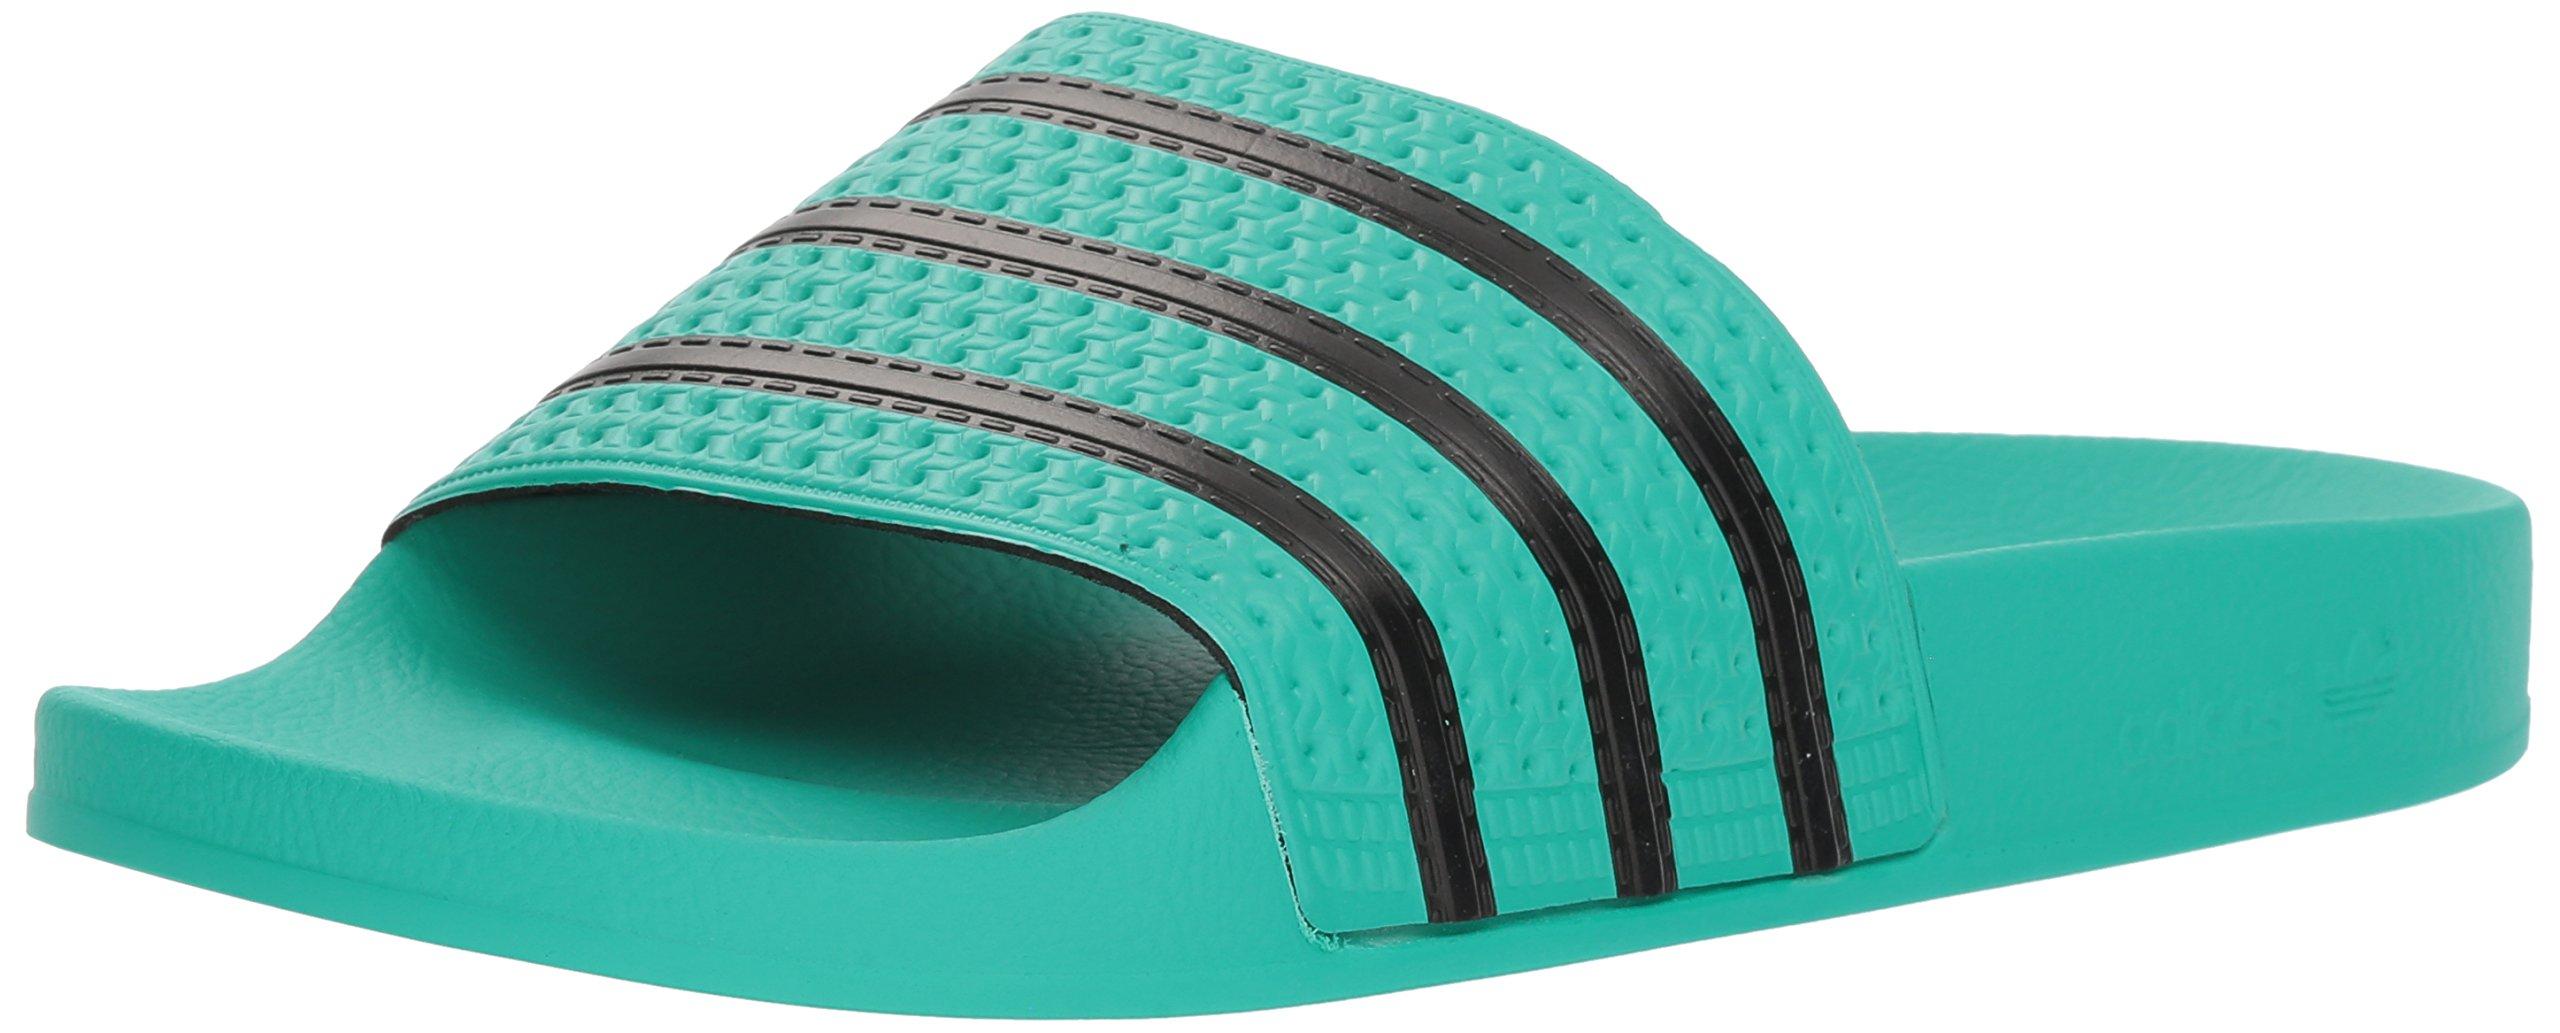 18acf595f Galleon - Adidas Originals Men s Adilette Sneaker